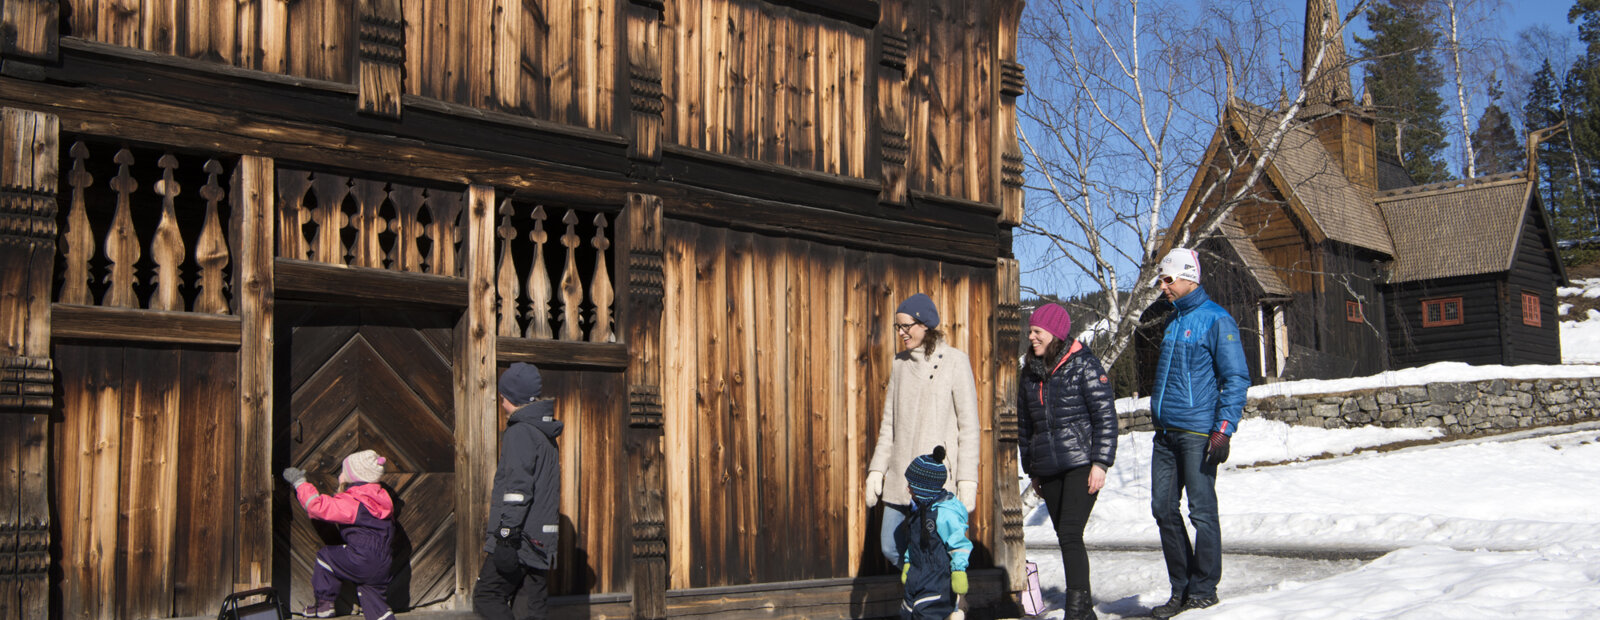 Voksne og barn på vei inn i en gammel laftet tømmerbygning, med Garmo stavkirke i bakgrunnen. På friluftsmuseet Maihaugen i Lillehammer.